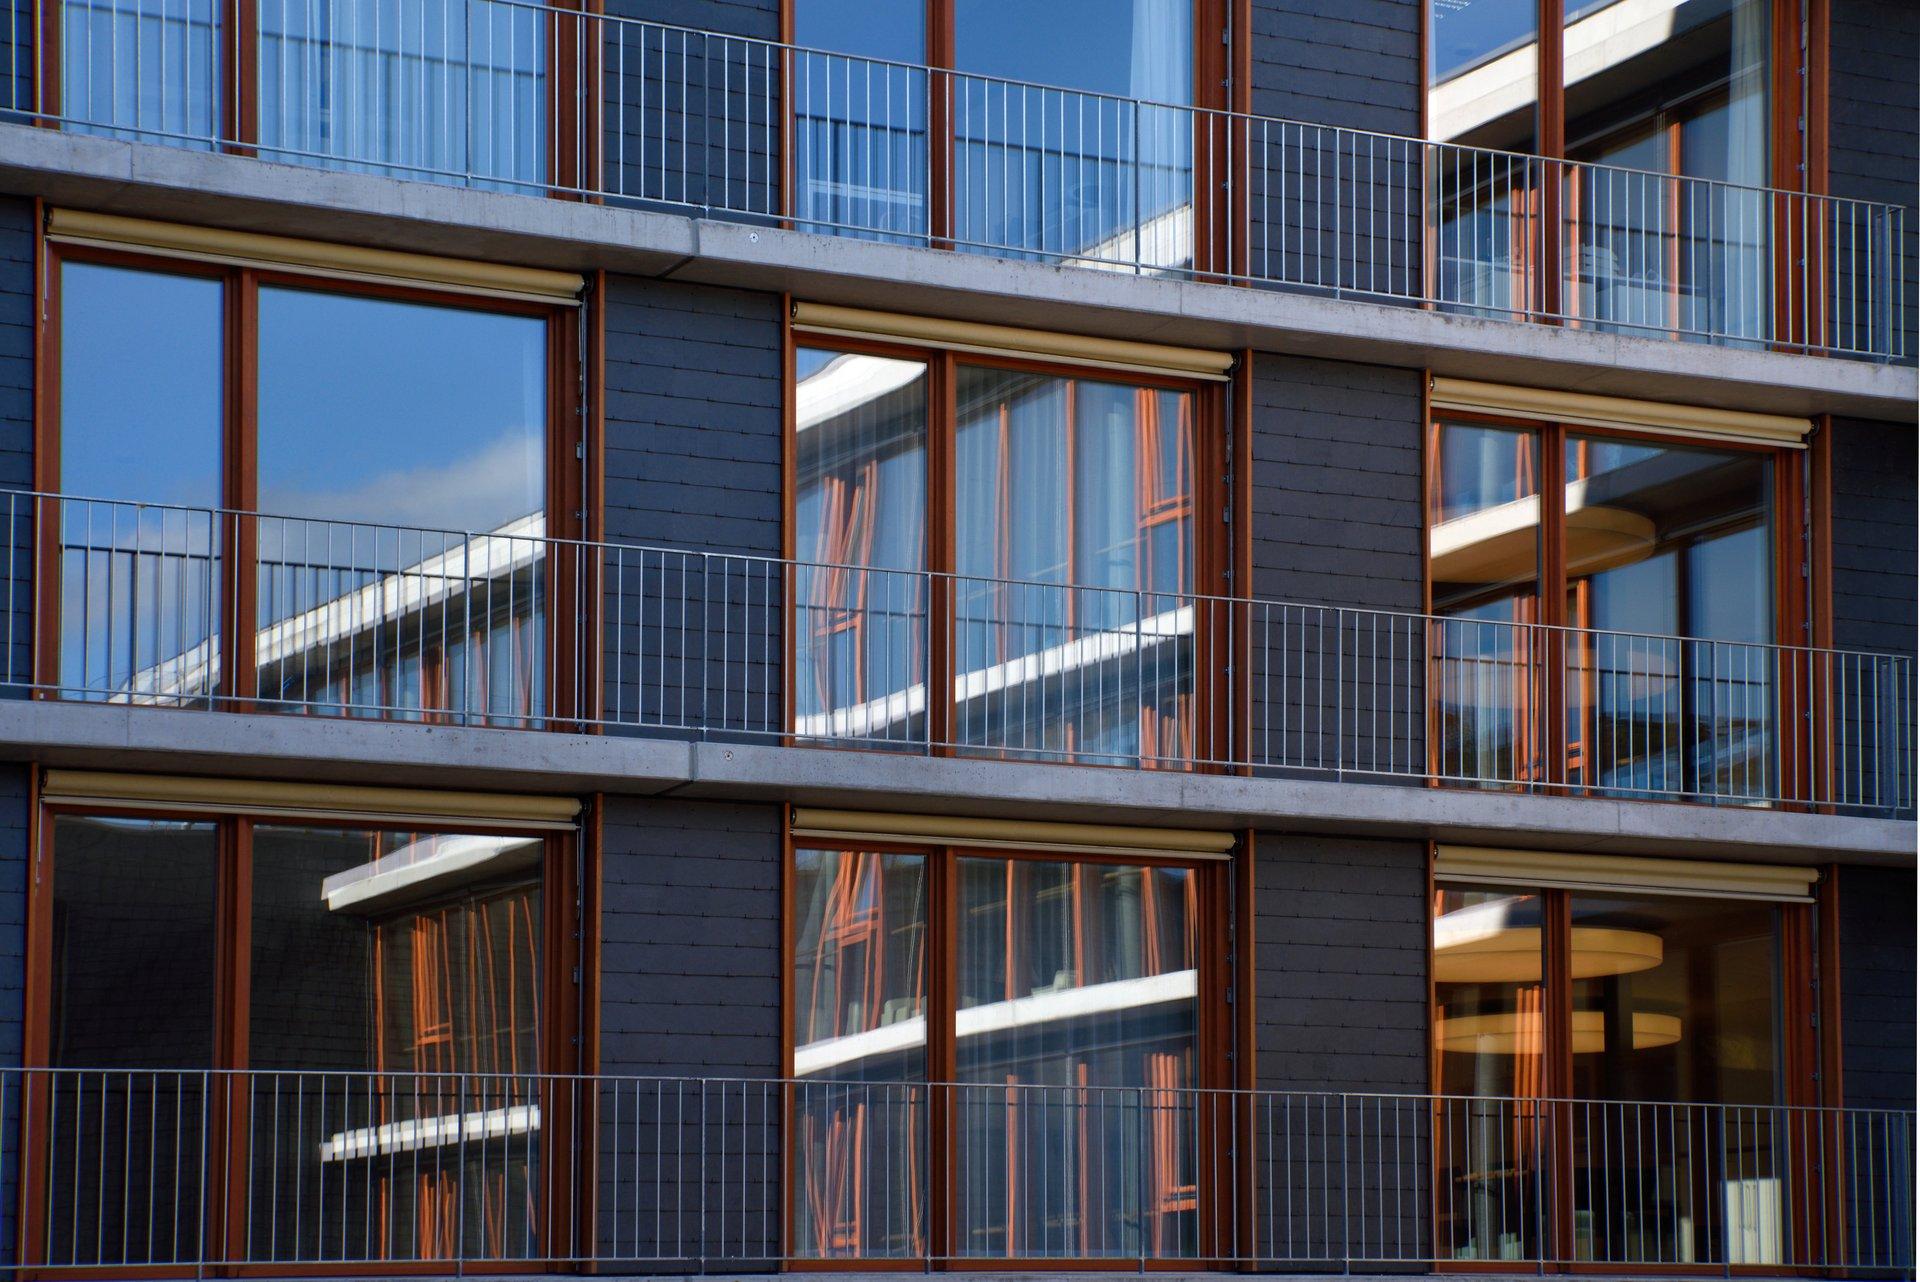 Fensterfront aus Holzfenster bei mehrstöckigem Gebäude mit speziellen Leibungsaufdoppelungen